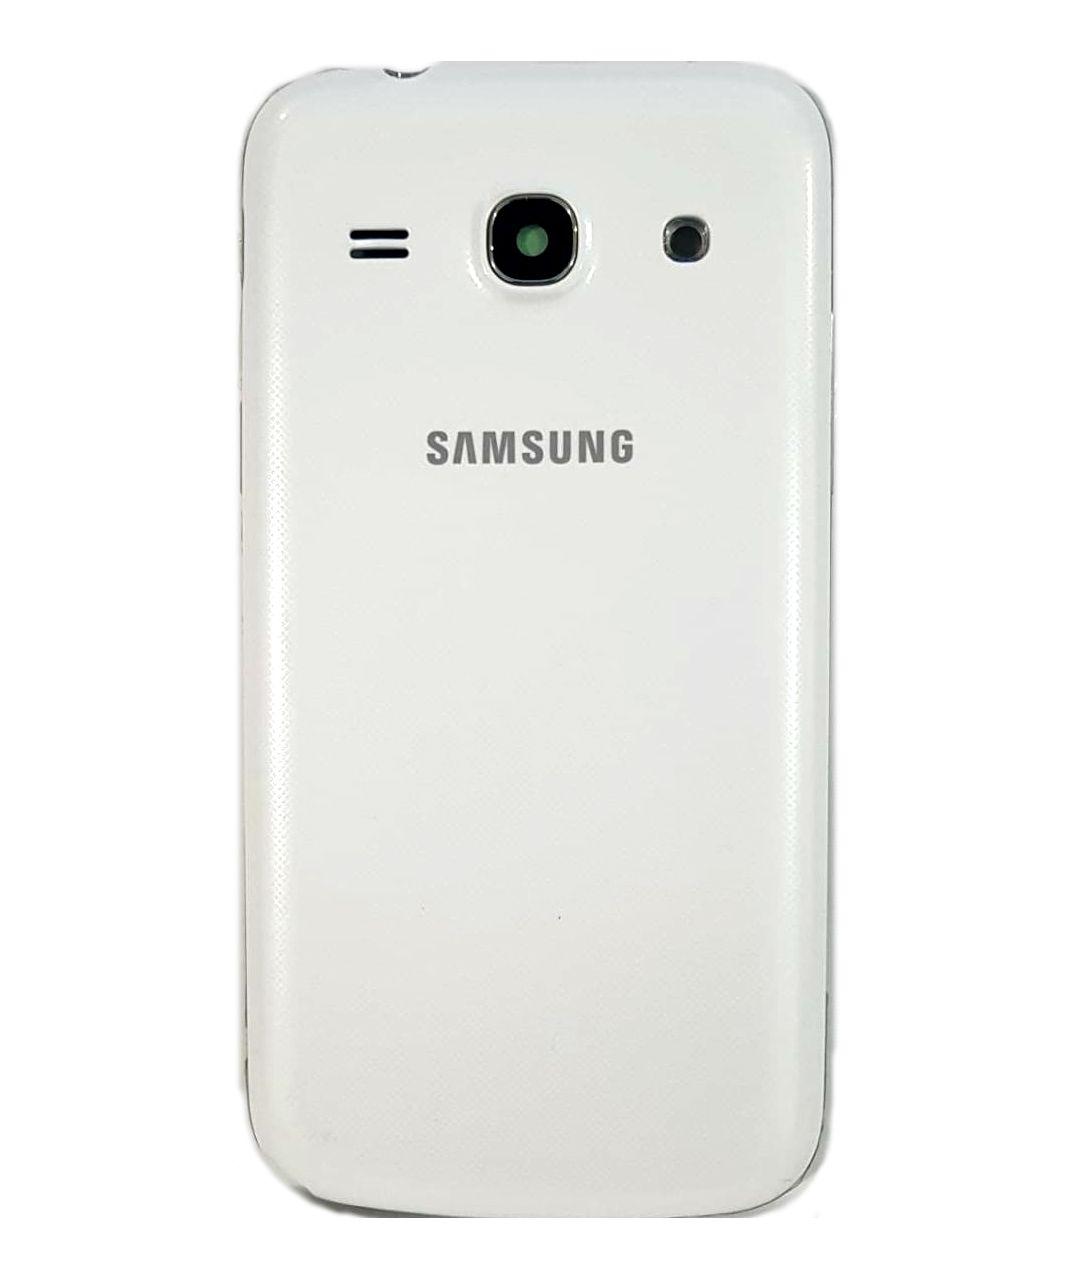 Carcaça Completa com Aro Samsung G3502 Branco 1 Linha